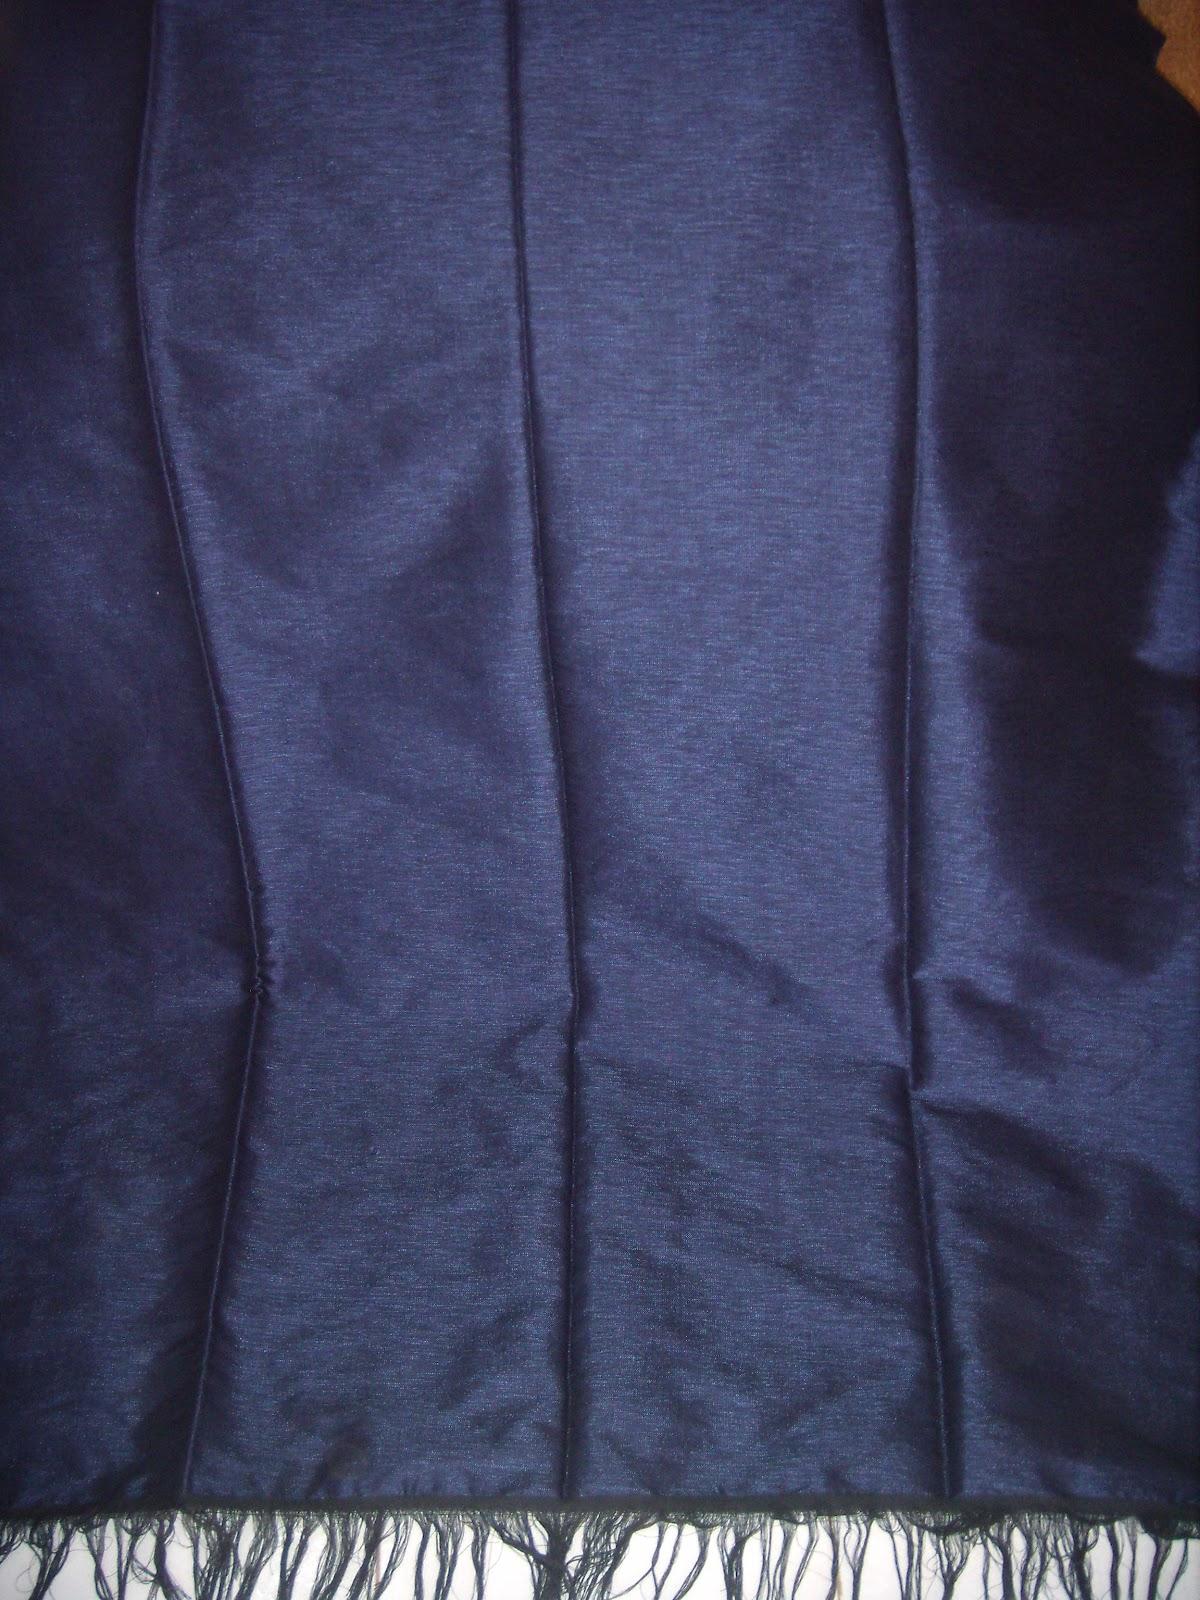 merycarpet couvre lit ou jet de canap bleu nuit. Black Bedroom Furniture Sets. Home Design Ideas